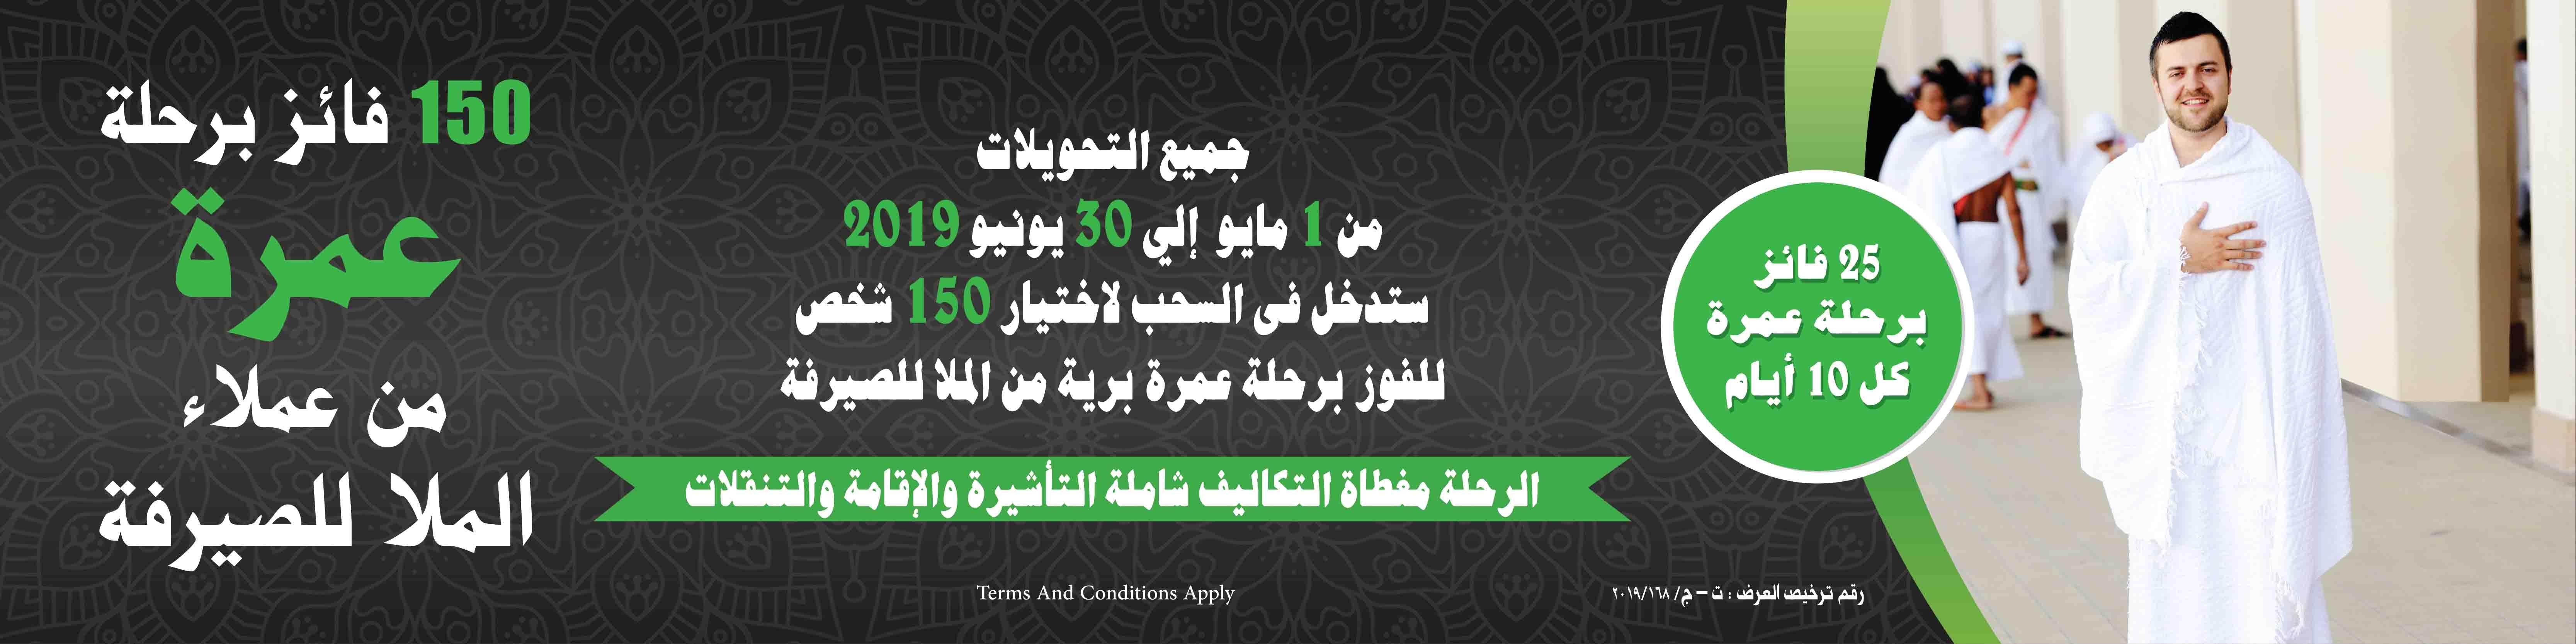 إحتفل بشهر رمضان الكريم مع الملا للصيرفة